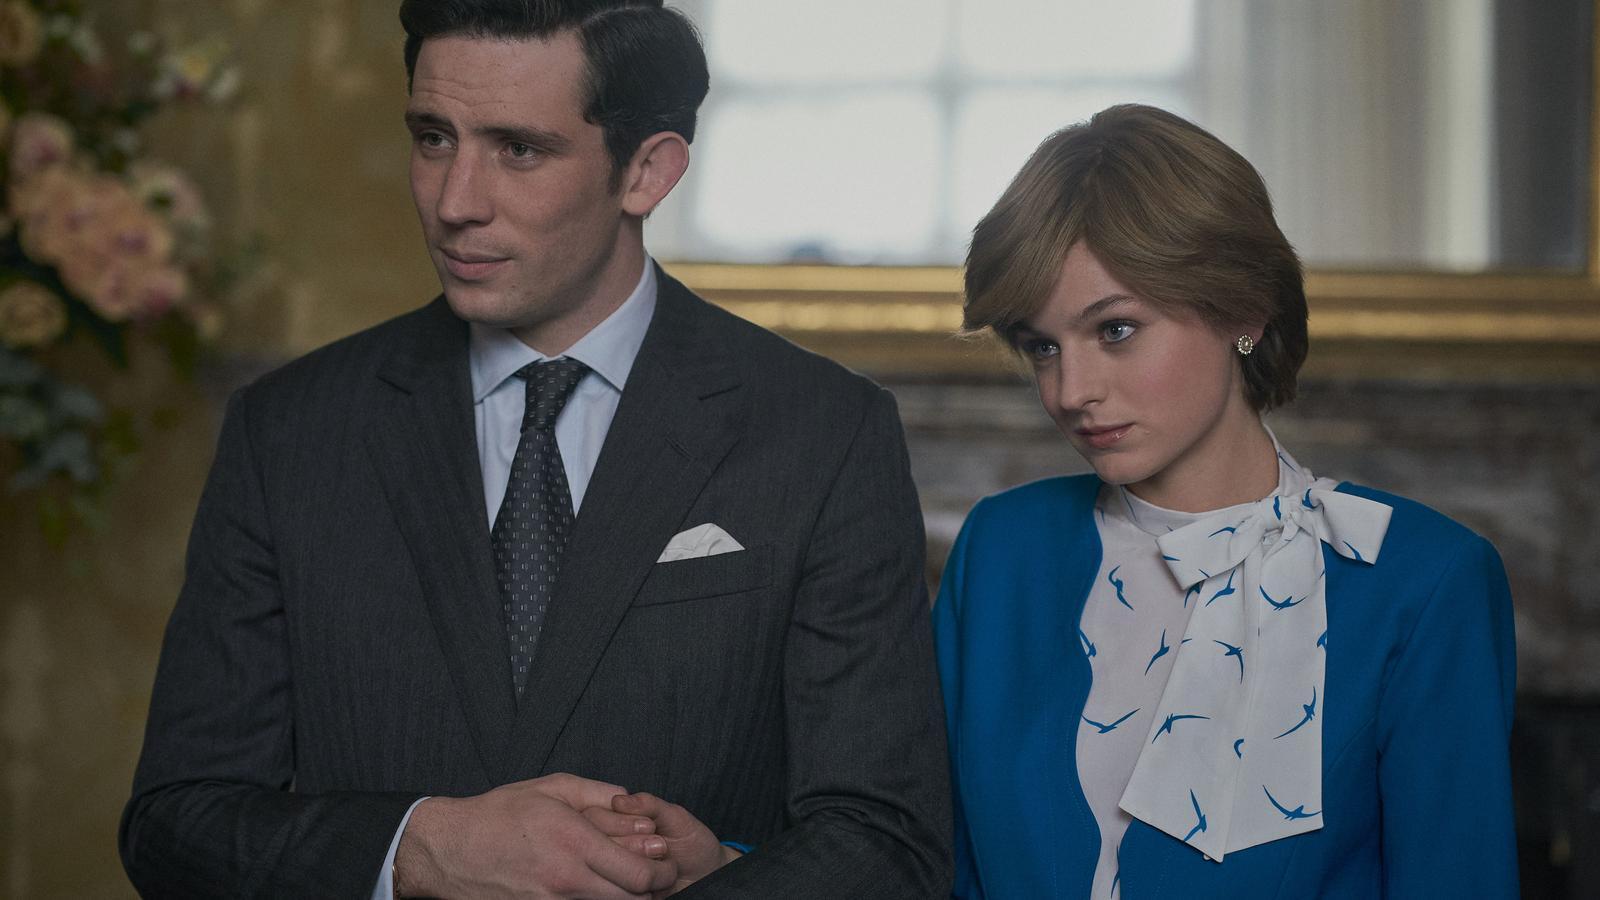 Josh O'Connor i Emma Corrin interpreten el príncep Carles i la princesa Diana